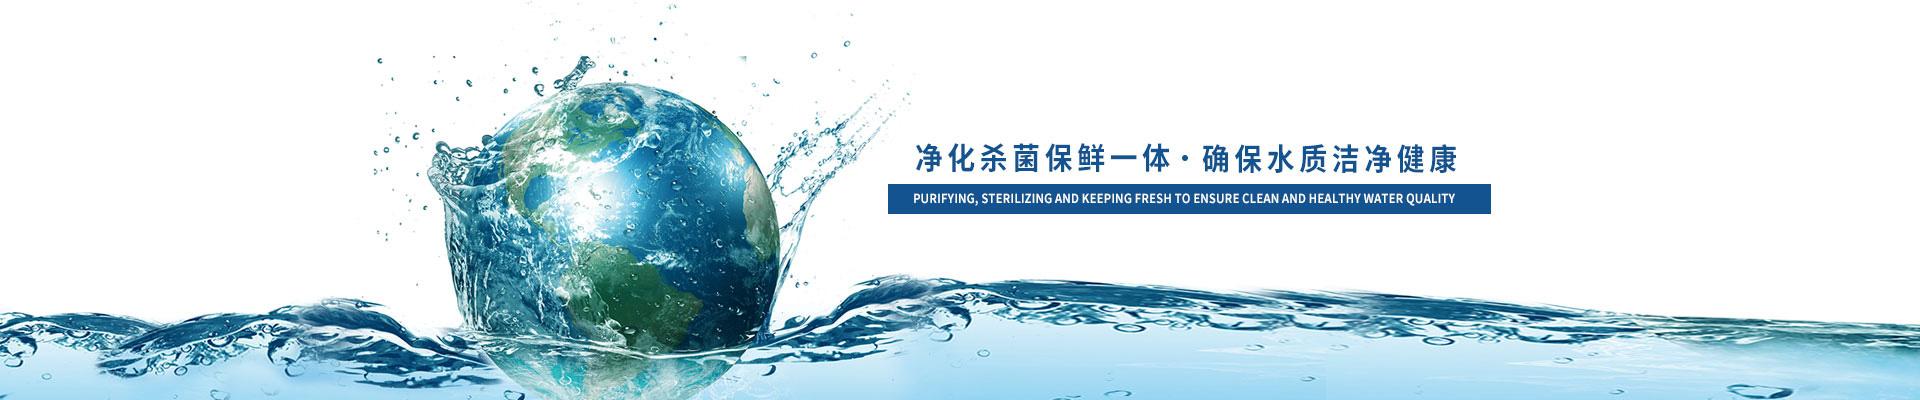 水沐清清RO净水设备净化杀菌保鲜一体